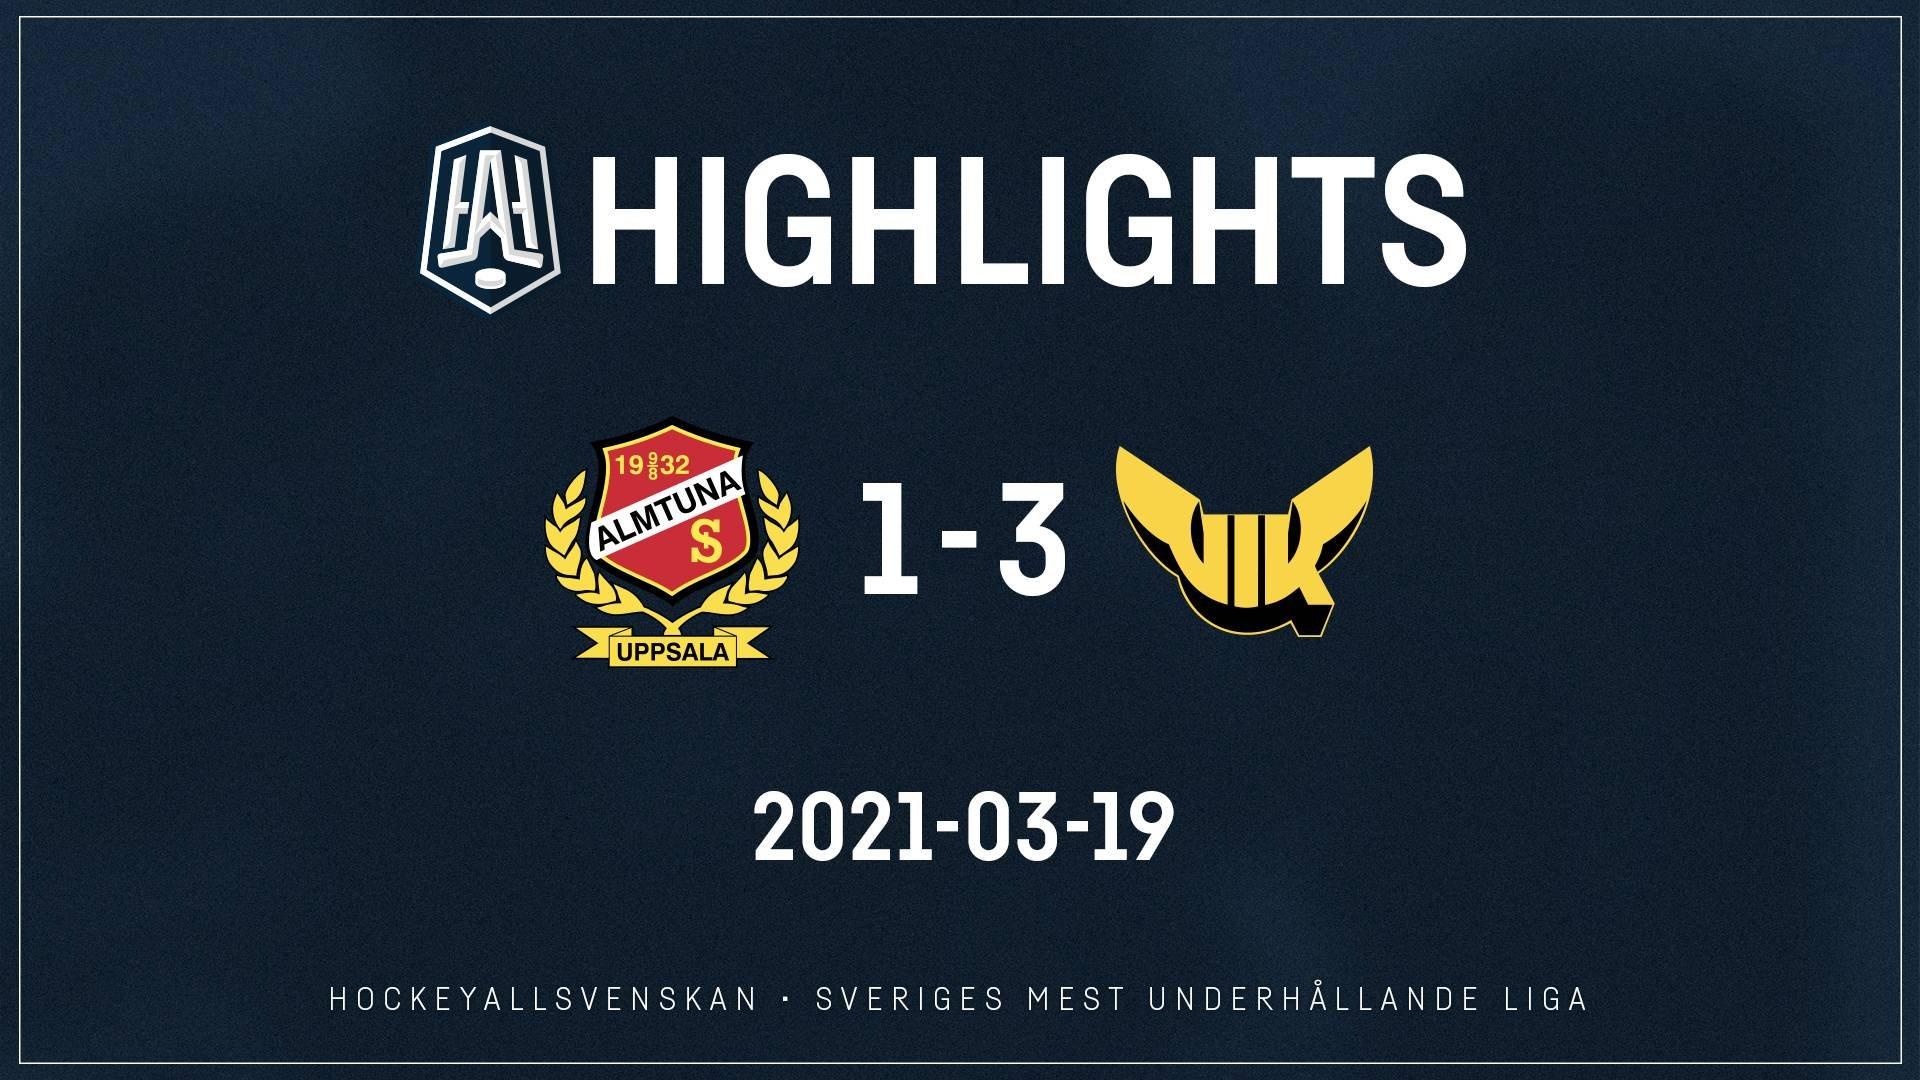 2021-03-19 Almtuna - Västerås 1-3